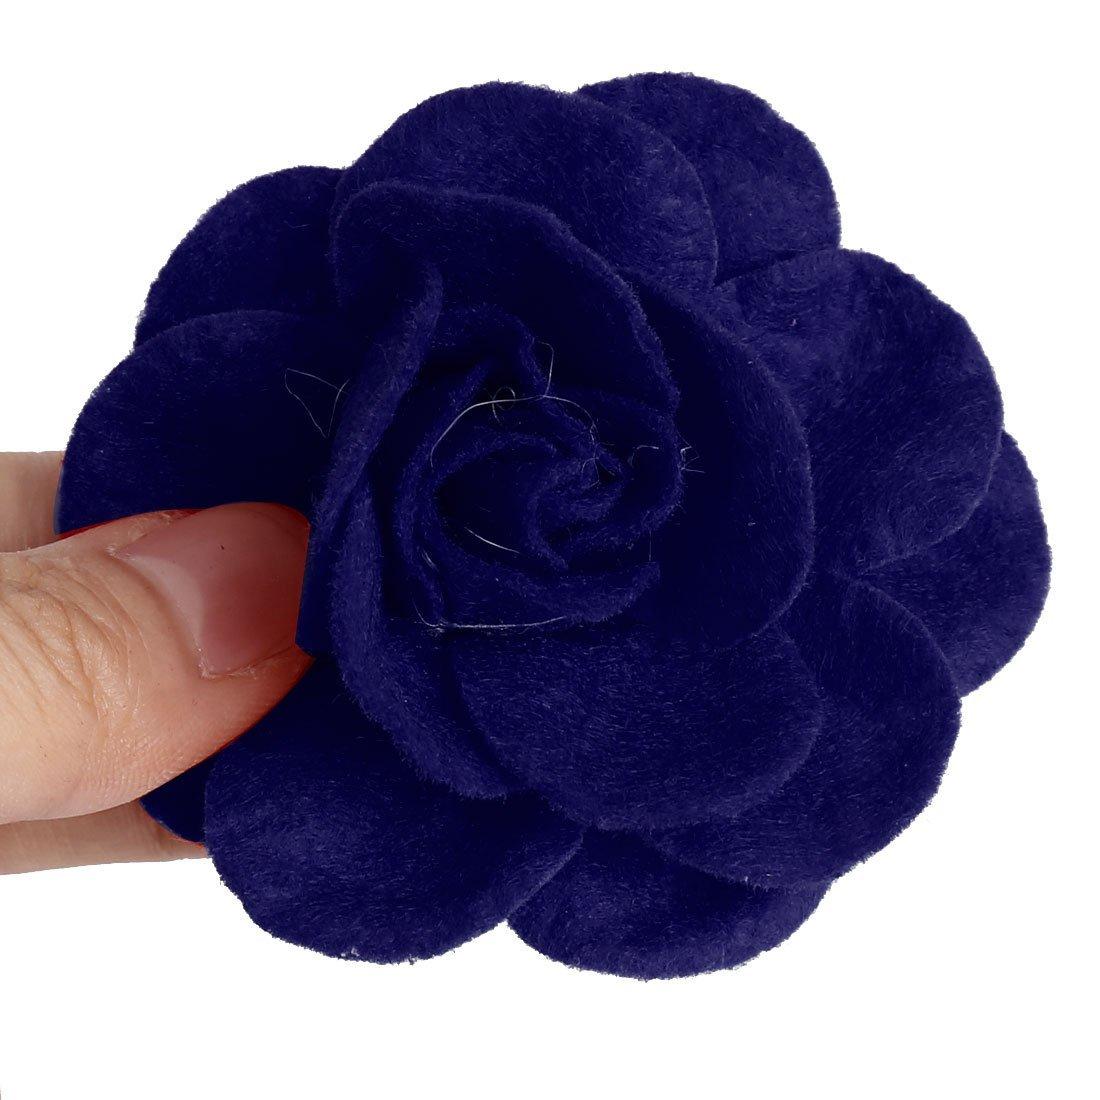 Amazon.com: eDealMax Traje de Novia Accesorios decorativa de la Flor de Rose Heads 5 PCS Azul Oscuro: Home & Kitchen